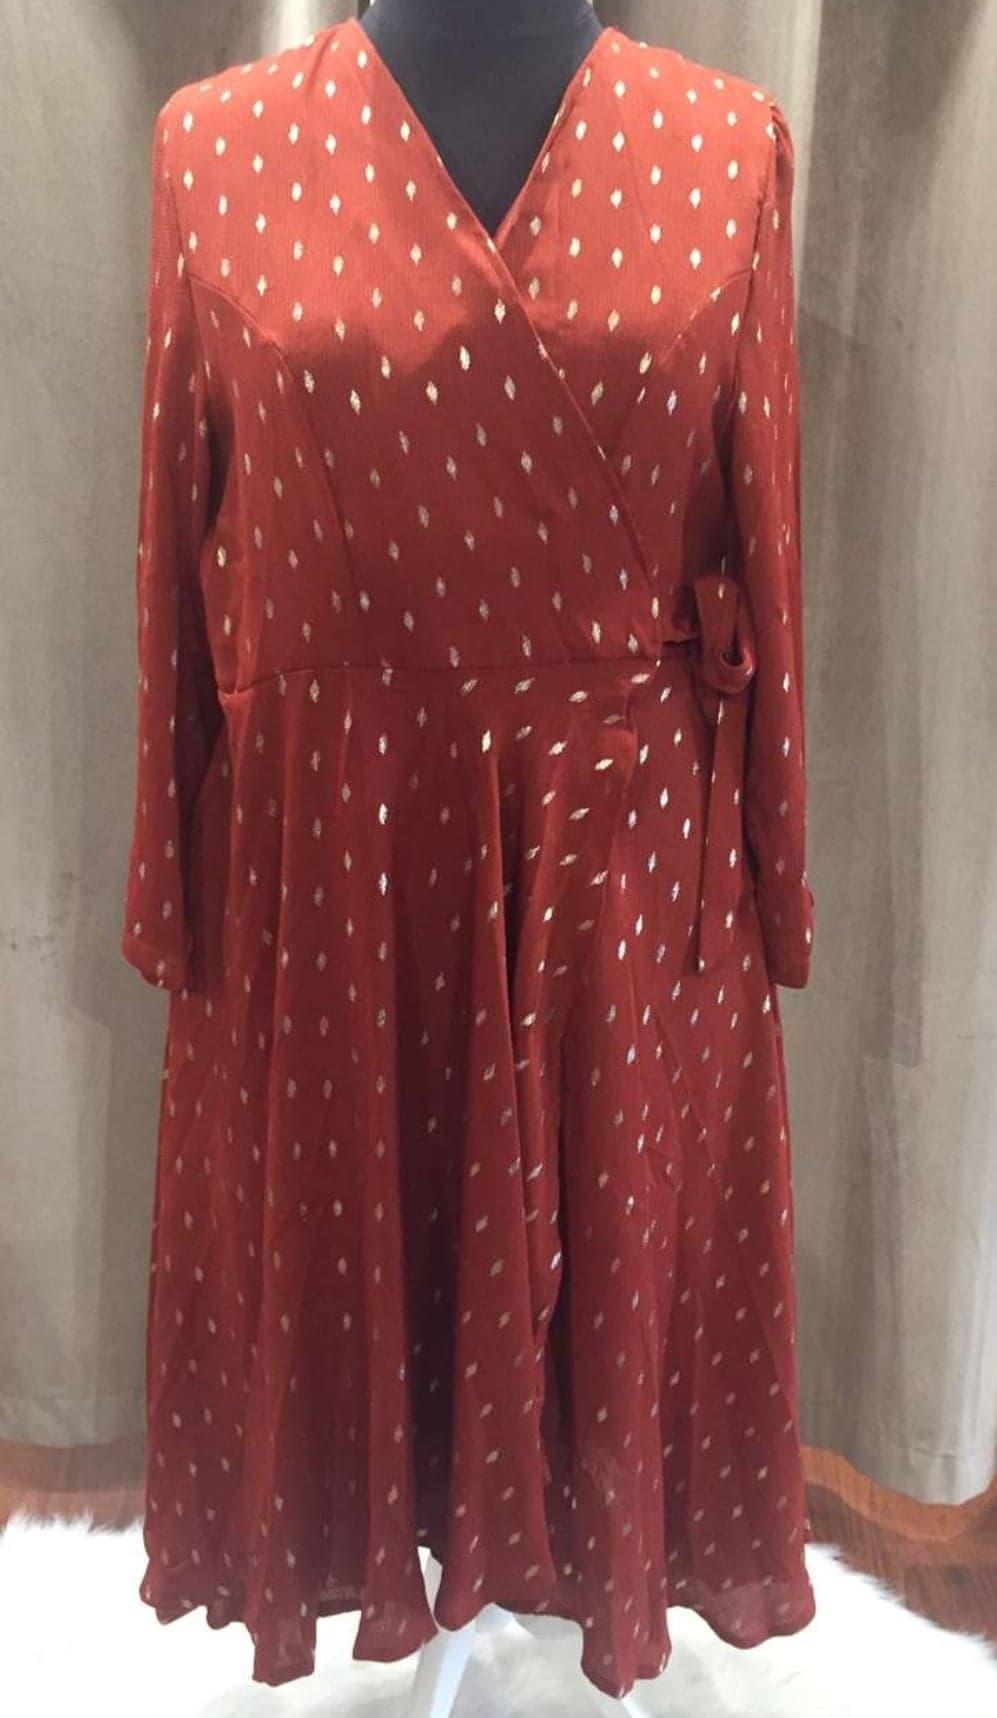 robe kimono rouille - ROB_KIM_ROU